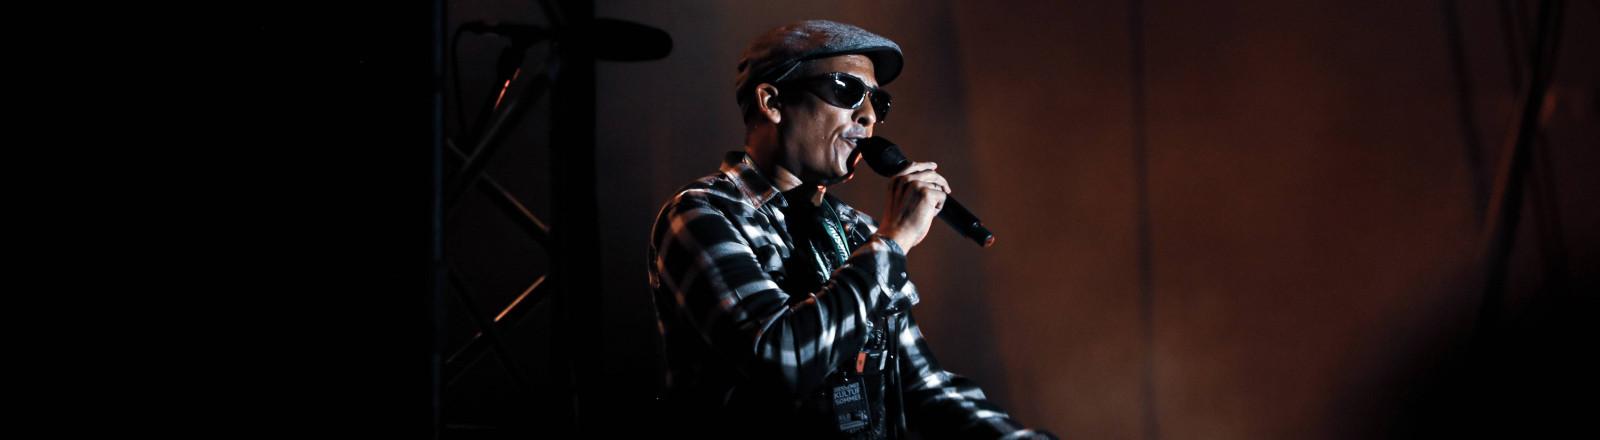 Xavier Naidoo bei einem Konzert auf der Bühne.